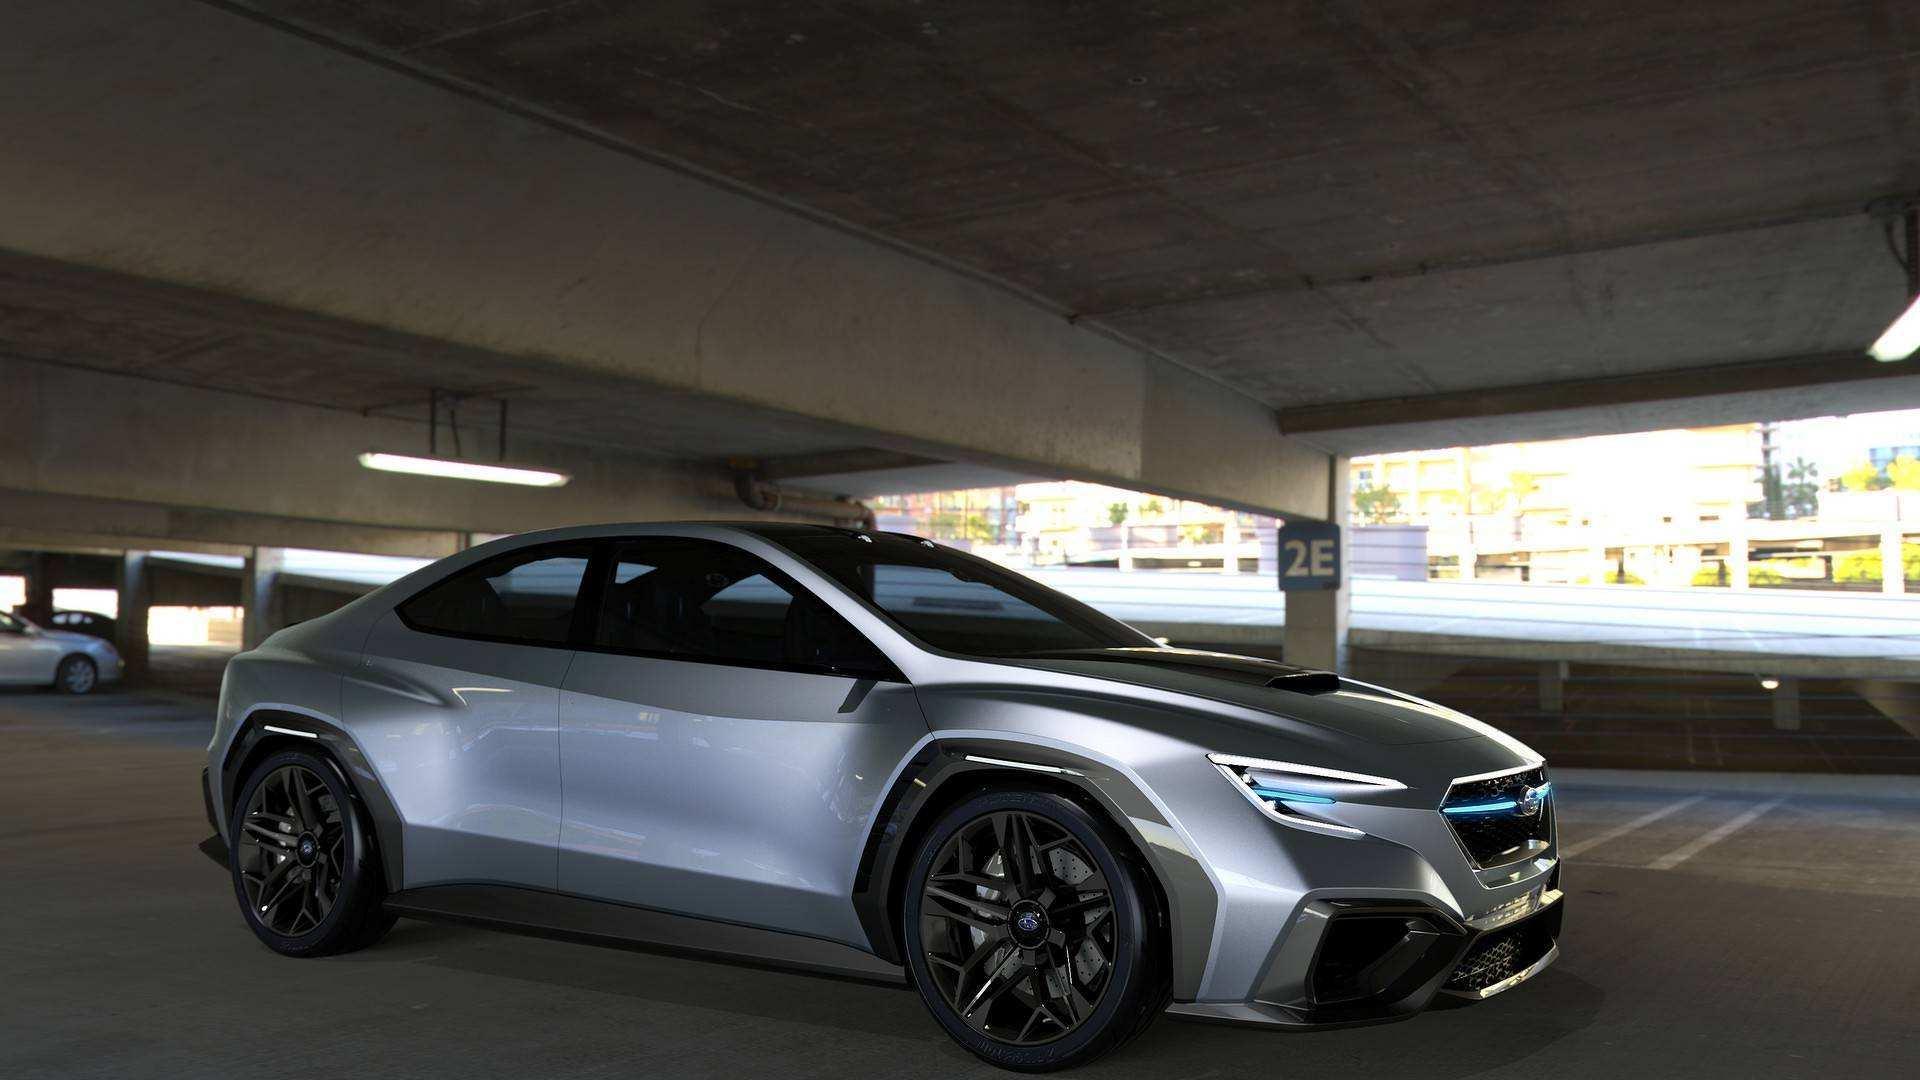 52 Gallery of Subaru Viziv 2020 Performance and New Engine by Subaru Viziv 2020